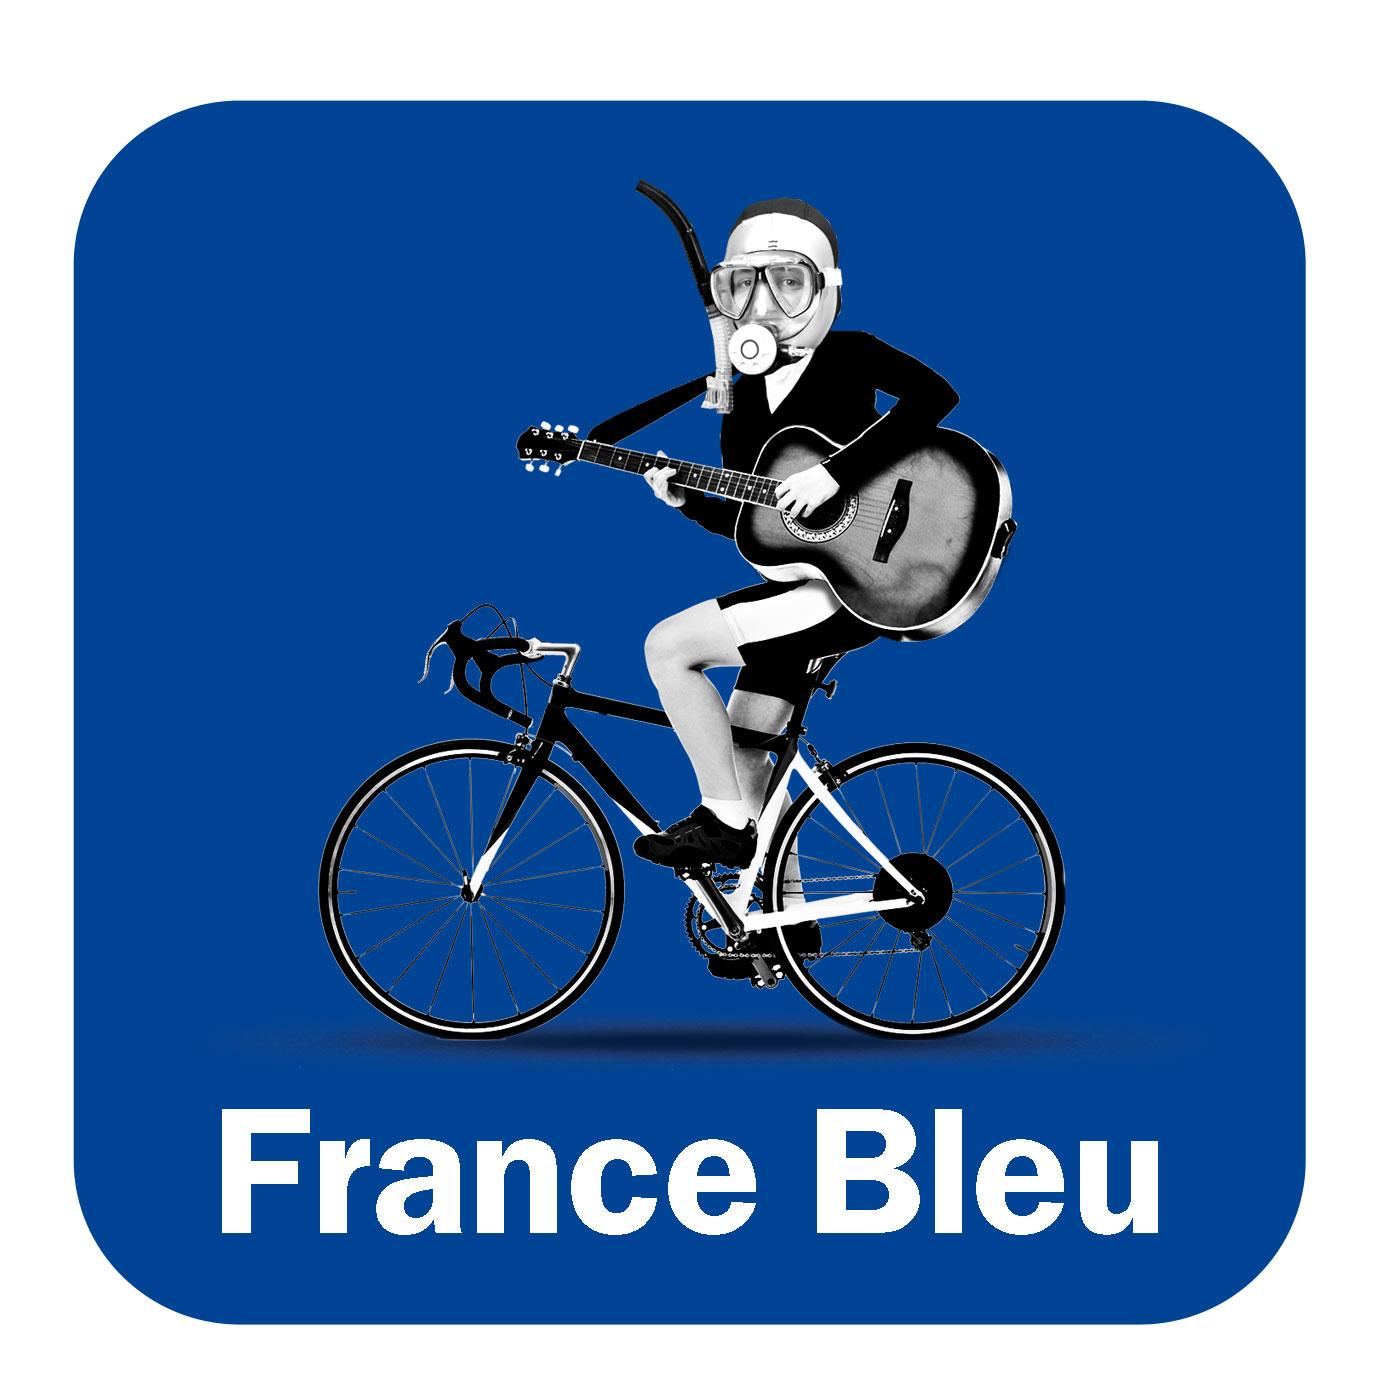 La balade du week-end France Bleu Breizh Izel